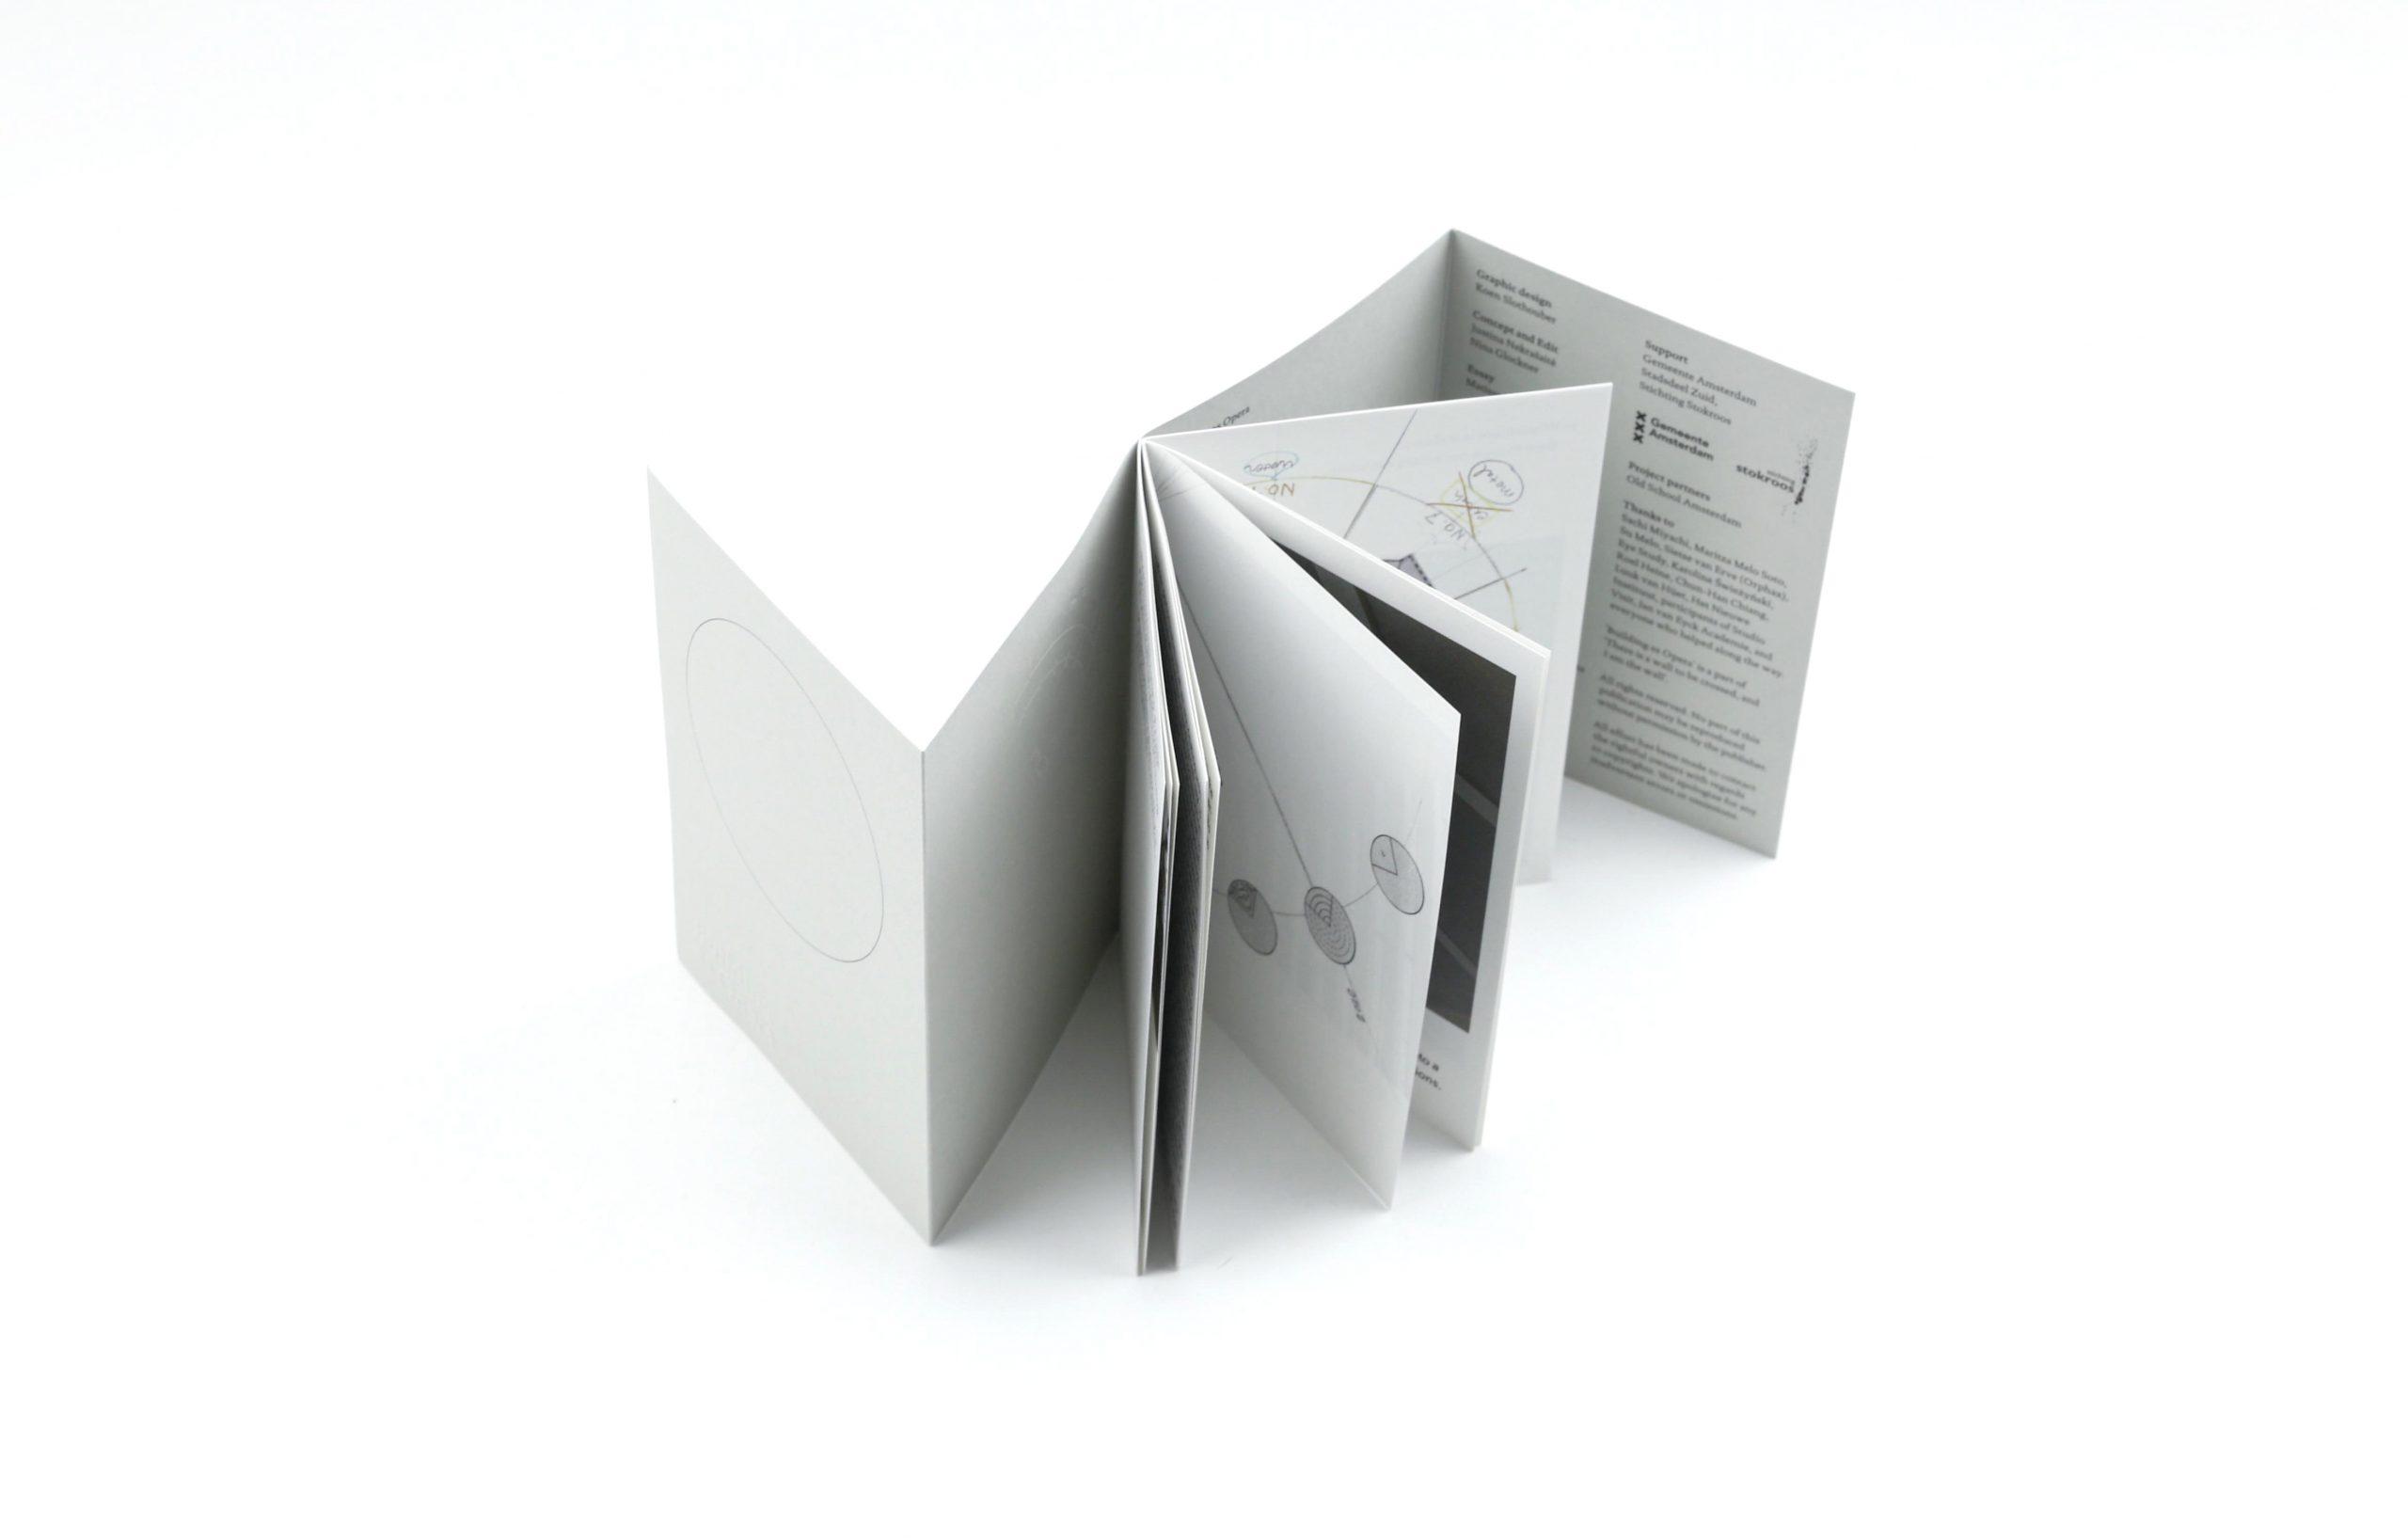 Ontwerper Koen Slothouber kwam naar de Monsterkamer om papier te zoeken voor de publicatie Building as Opera.